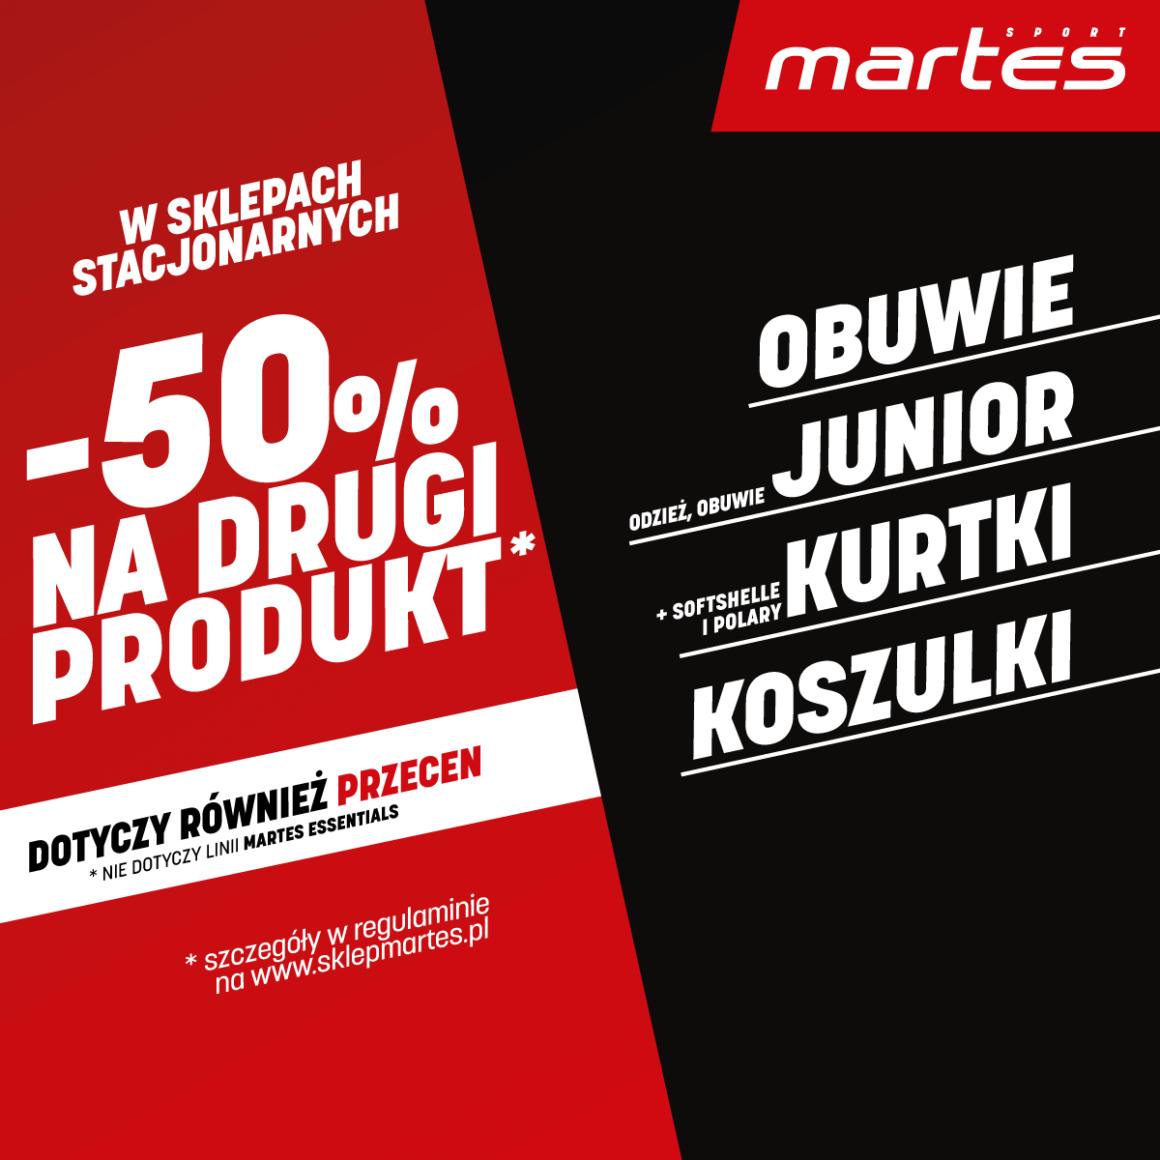 Dobra promocja to taka, która trwa cały czas! Zyskaj rabat -50% na drugi produkt!